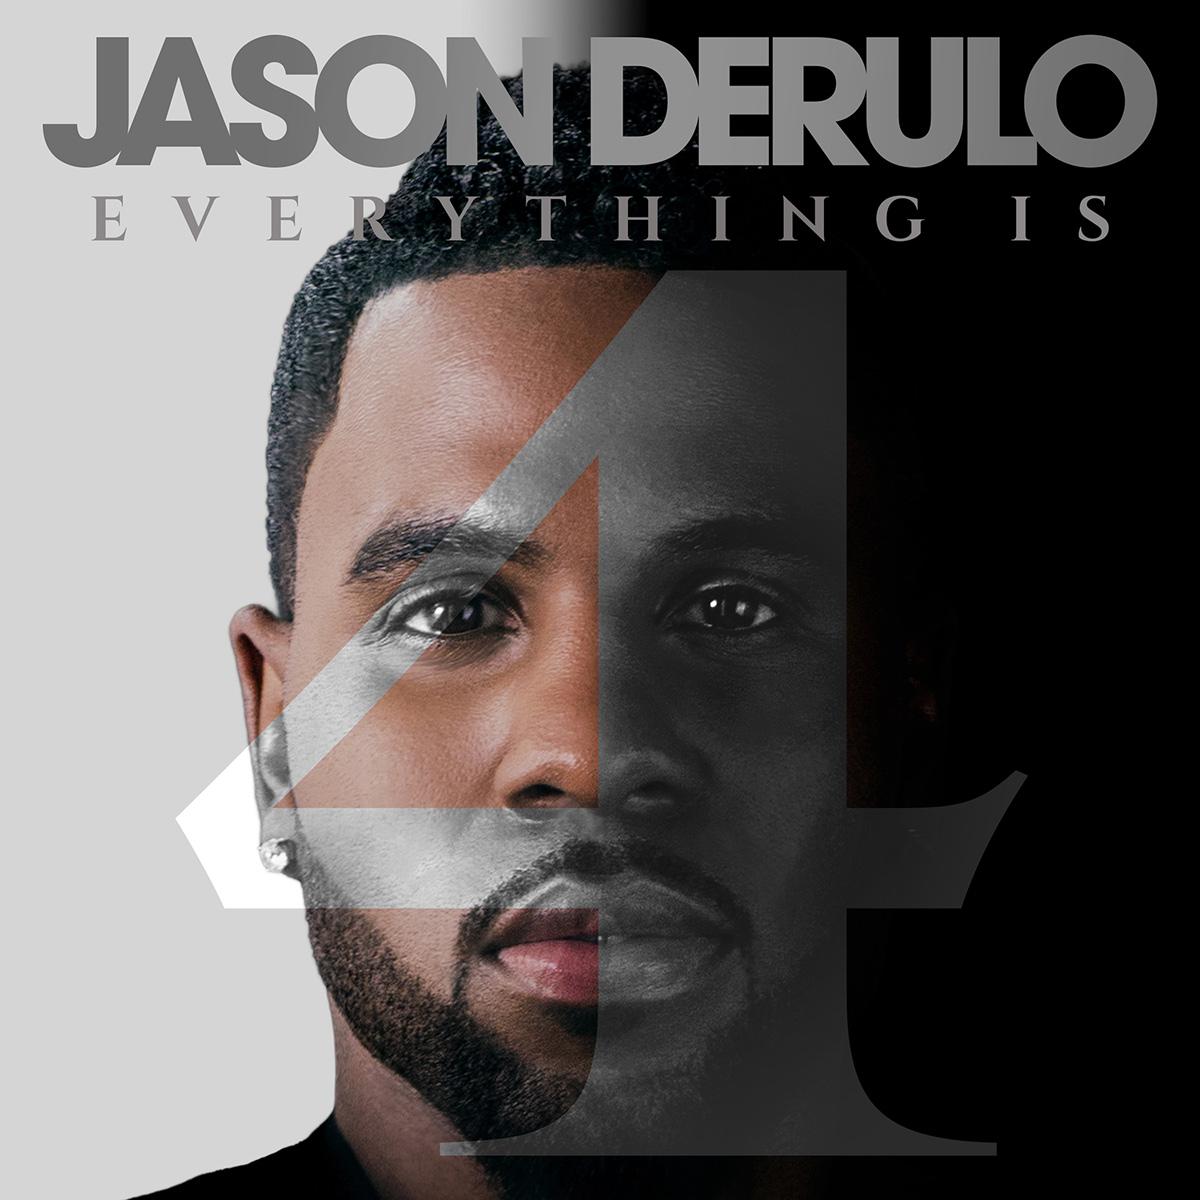 Jason_Derulo_Everything_is_